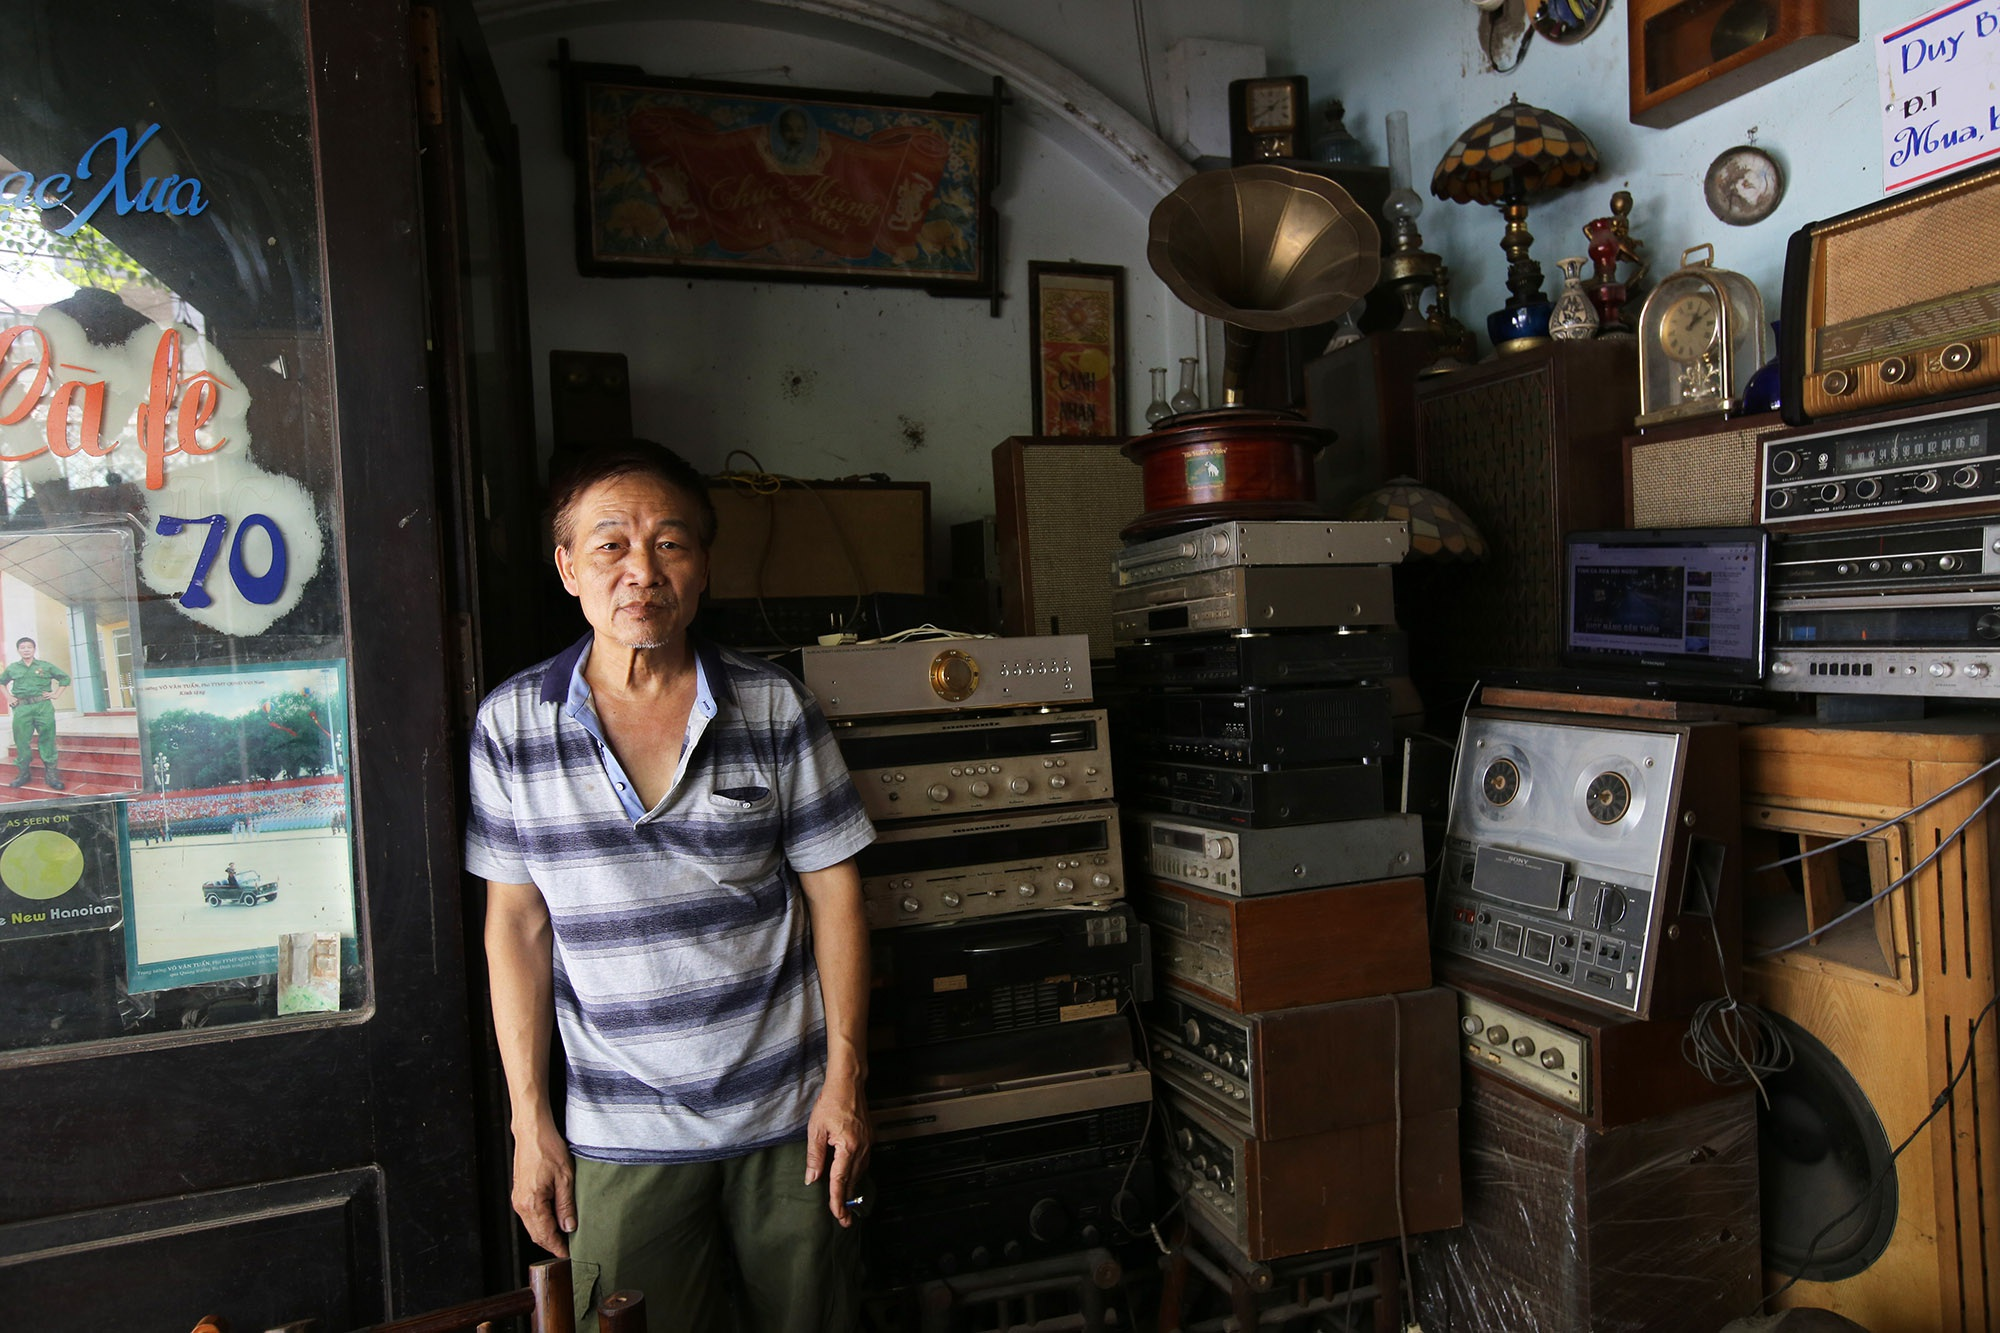 Yêu âm nhạc, sưu tầm thiết bị âm thanh cổ lấp đầy 3 tầng nhà  - 11